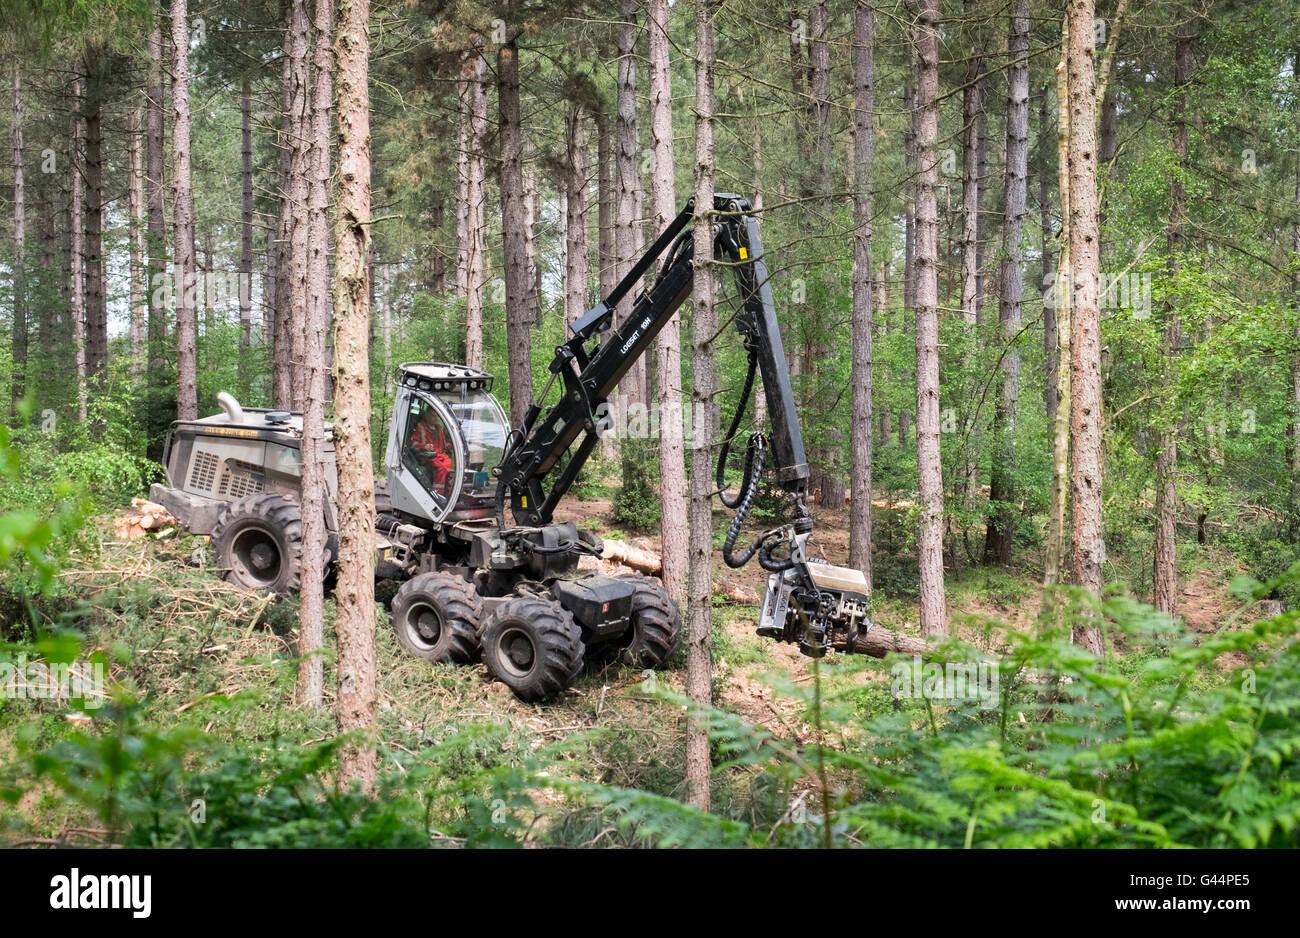 La tala de árboles en el bosque nuevo utilizando una máquina cosechadora Imagen De Stock